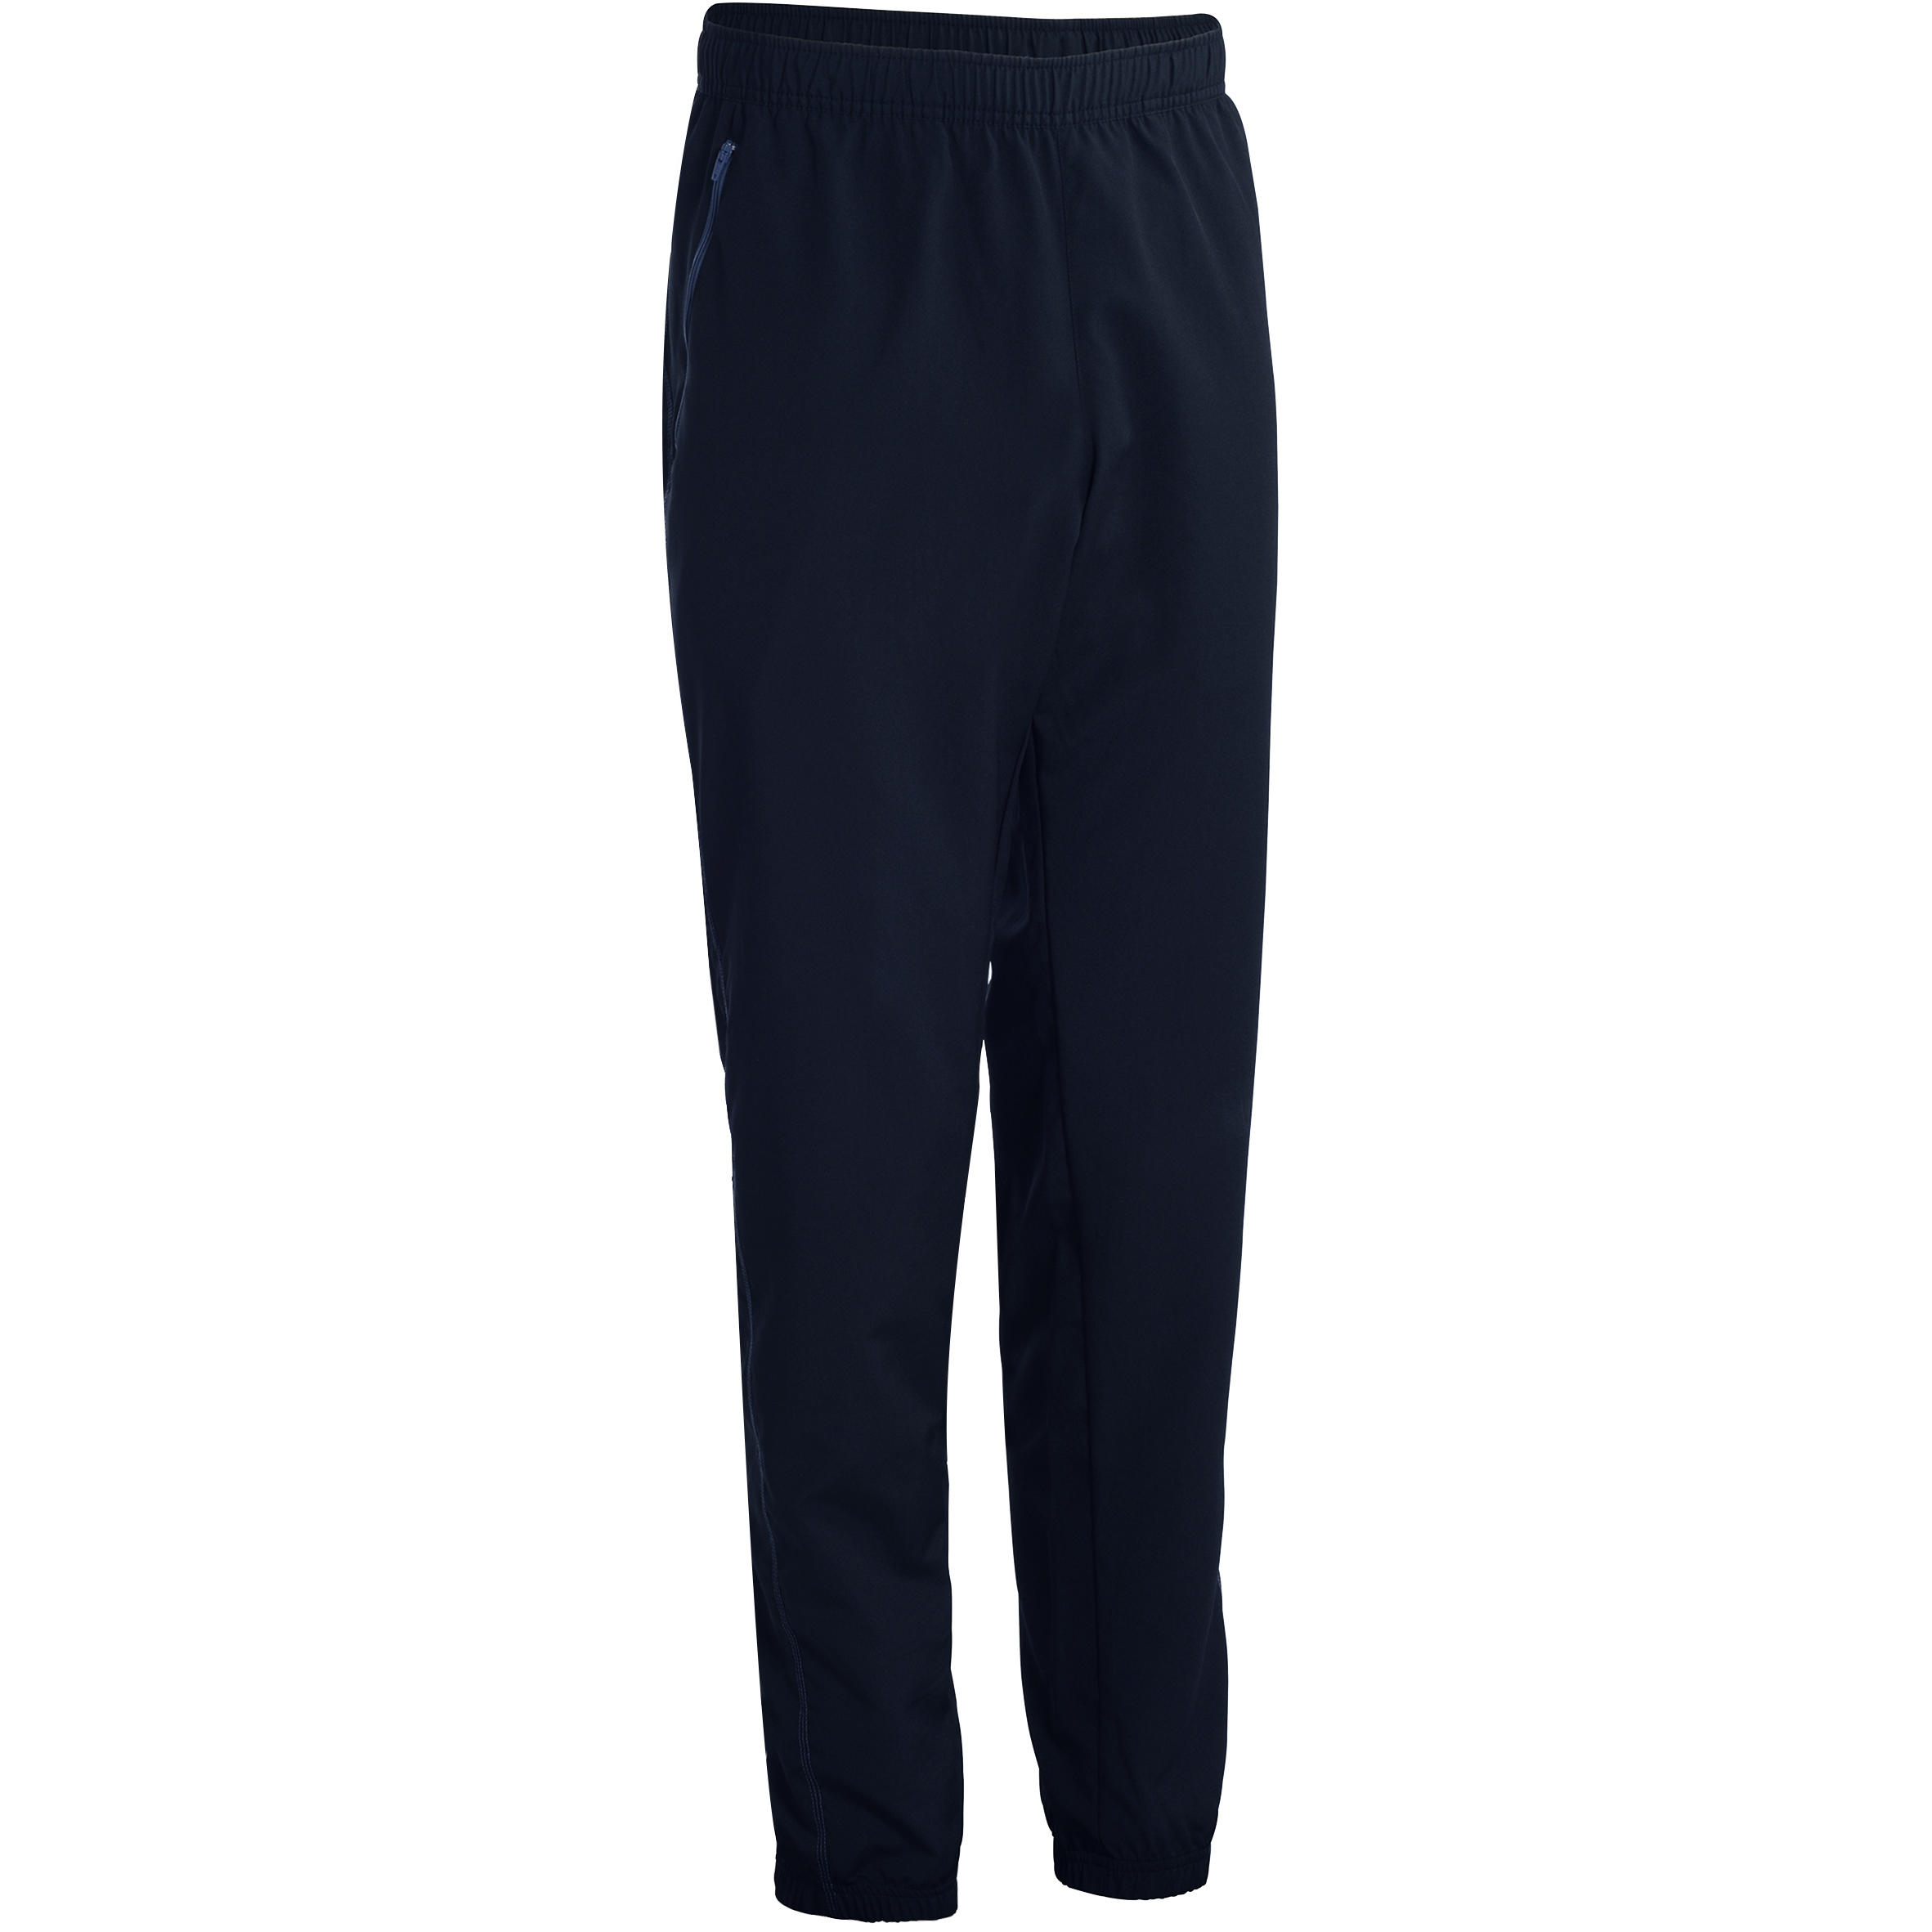 Pantalon entraînement homme noir FPA120